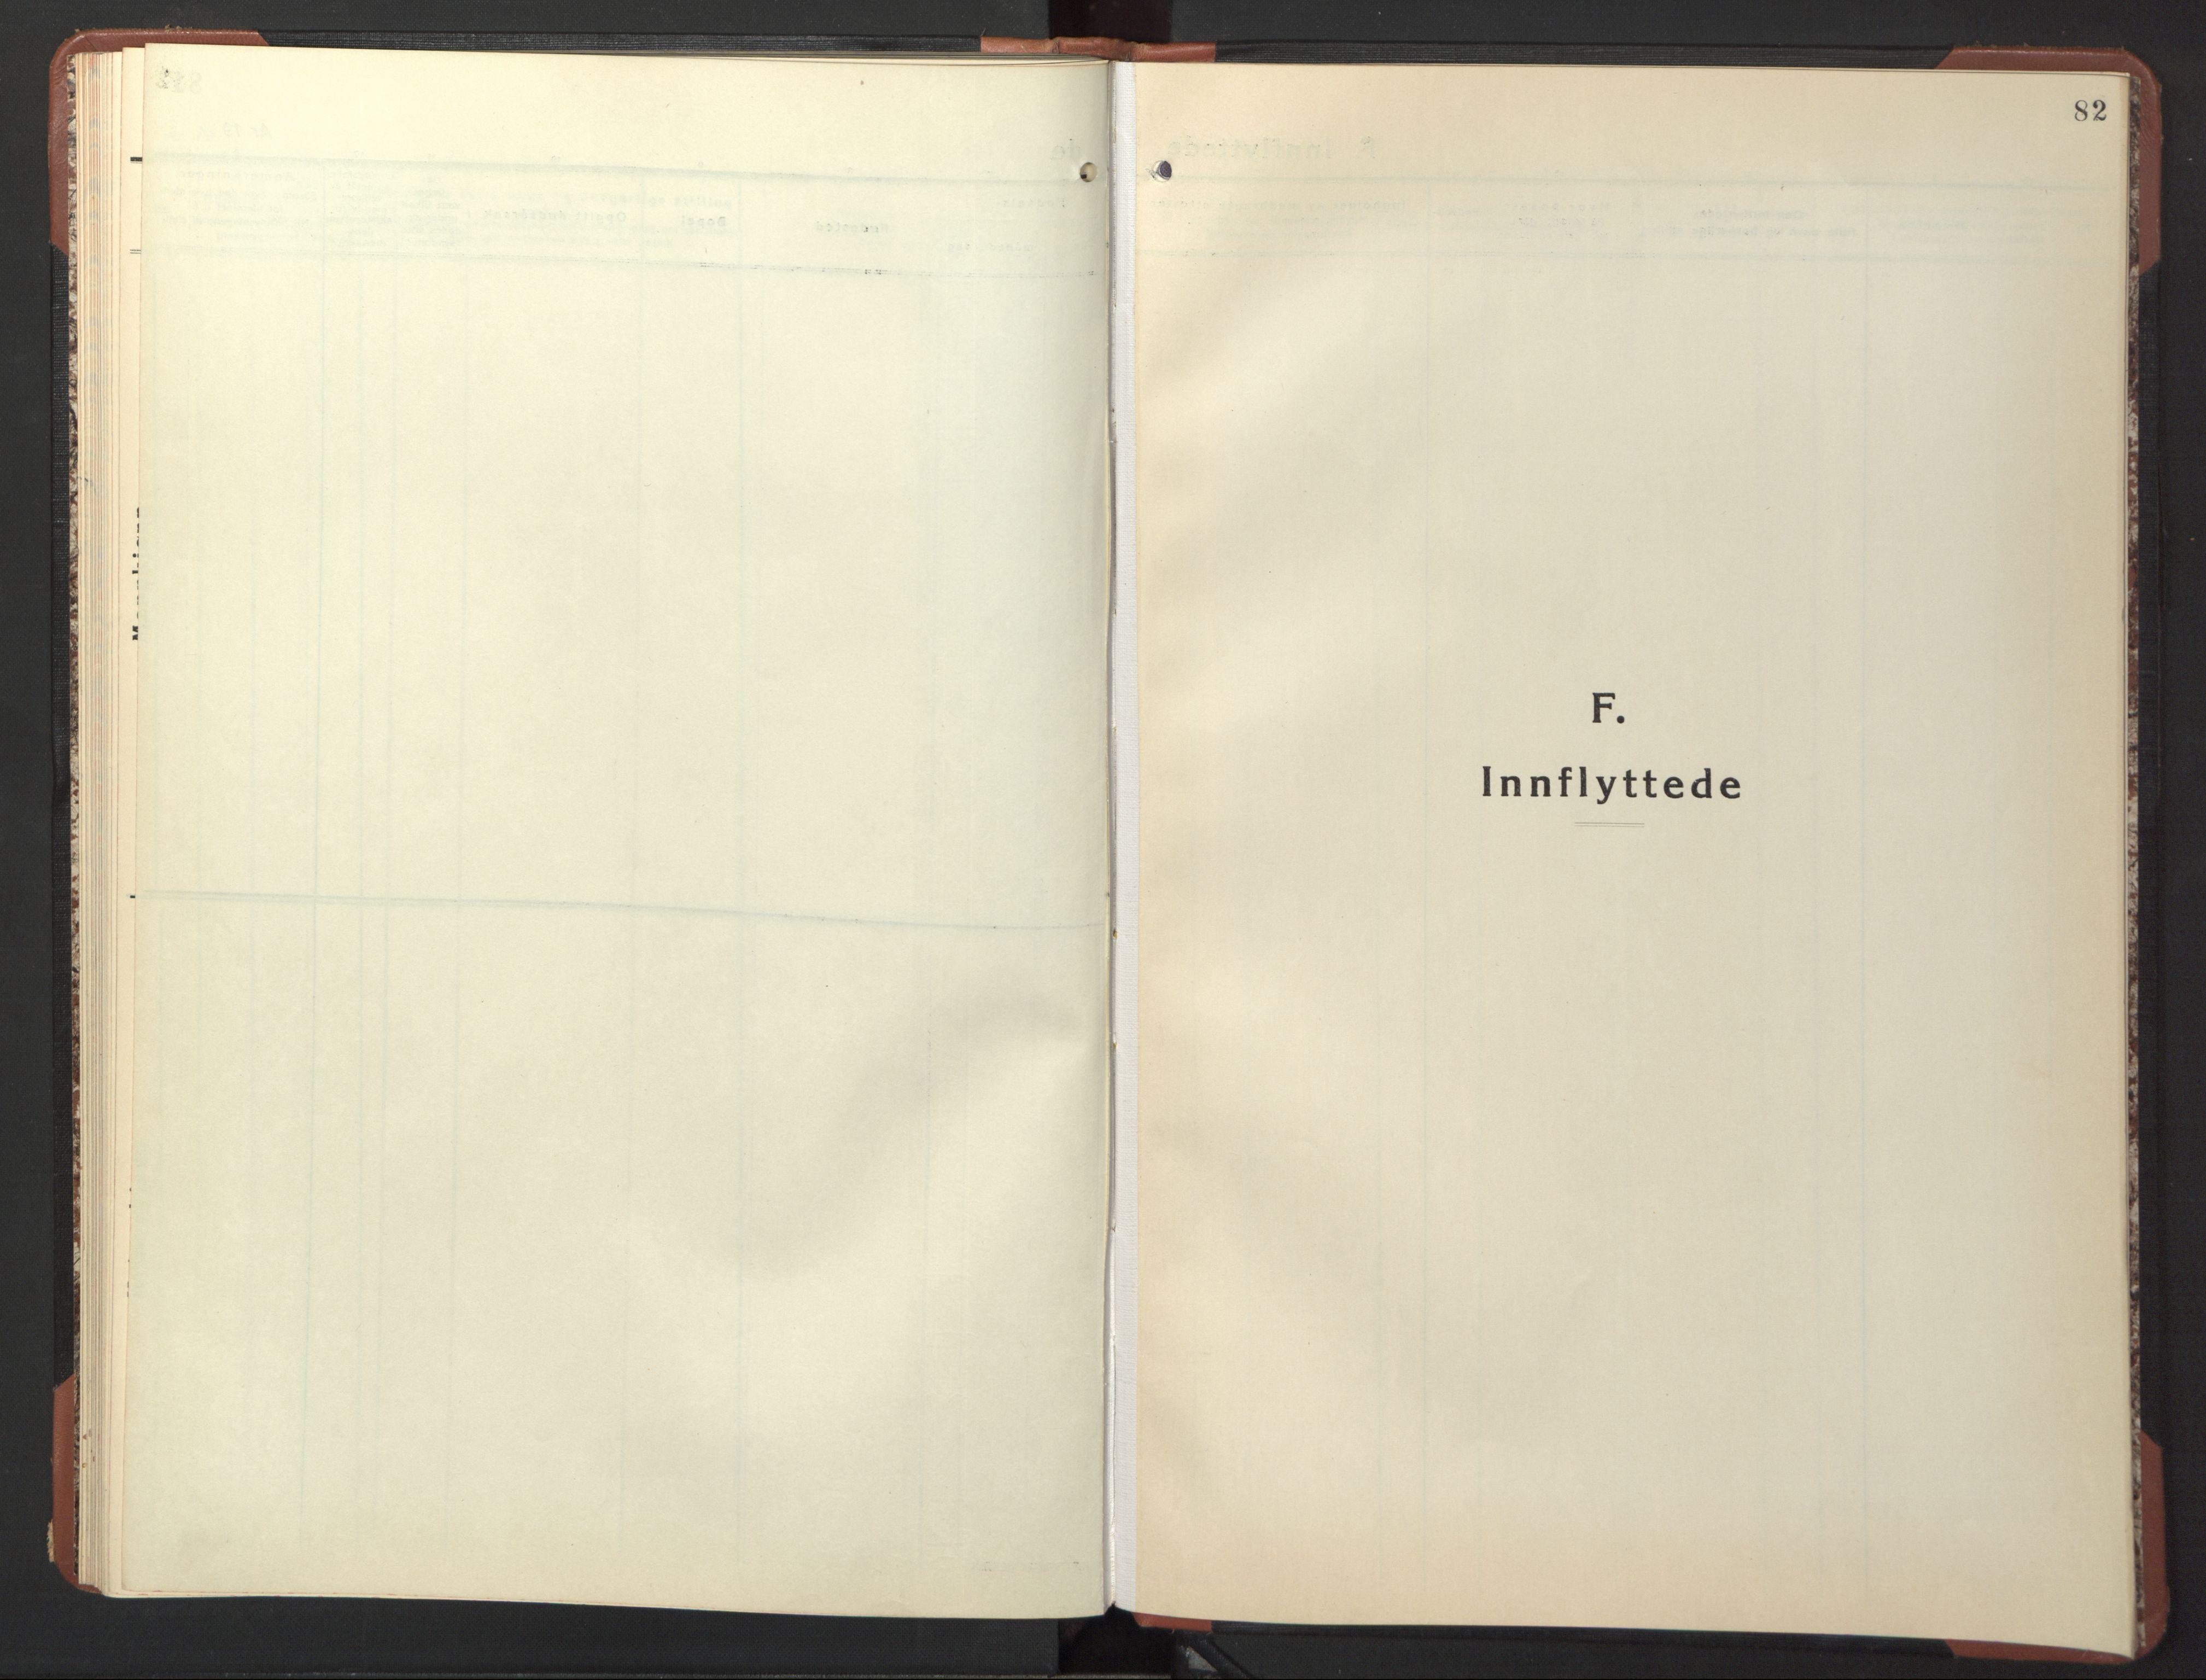 SAT, Ministerialprotokoller, klokkerbøker og fødselsregistre - Sør-Trøndelag, 617/L0433: Klokkerbok nr. 617C04, 1942-1947, s. 82